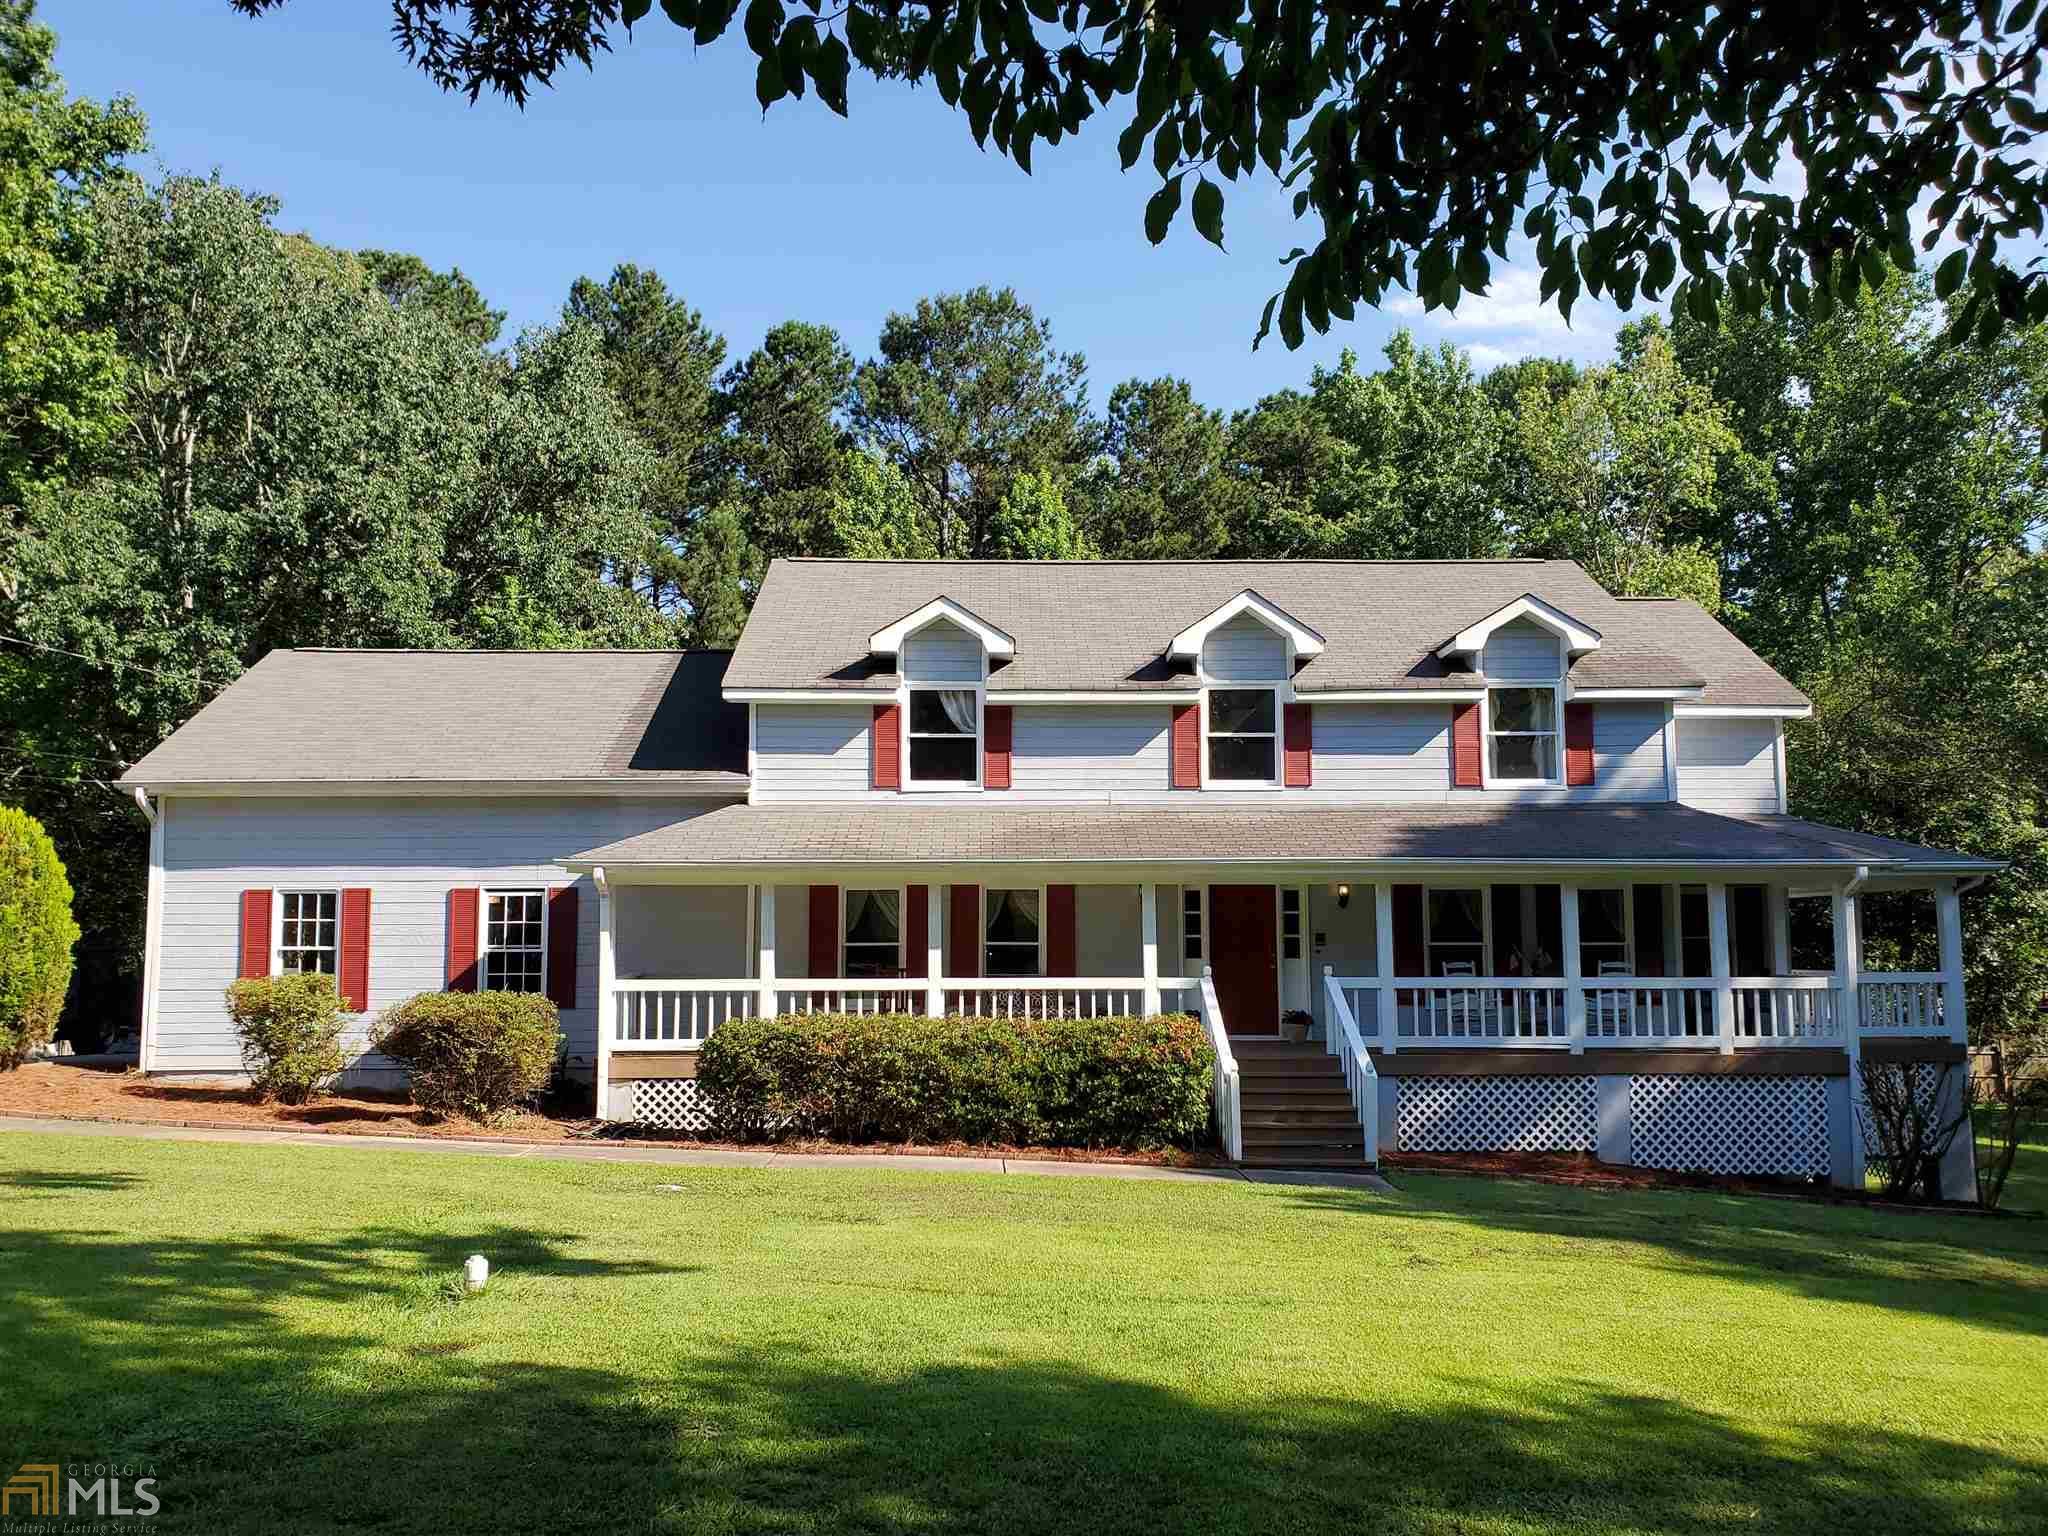 4130 Camaron Way, Snellville, Georgia 30039, 5 Bedrooms Bedrooms, ,3 BathroomsBathrooms,Single Family,For Sale,4130 Camaron Way,2,8962326